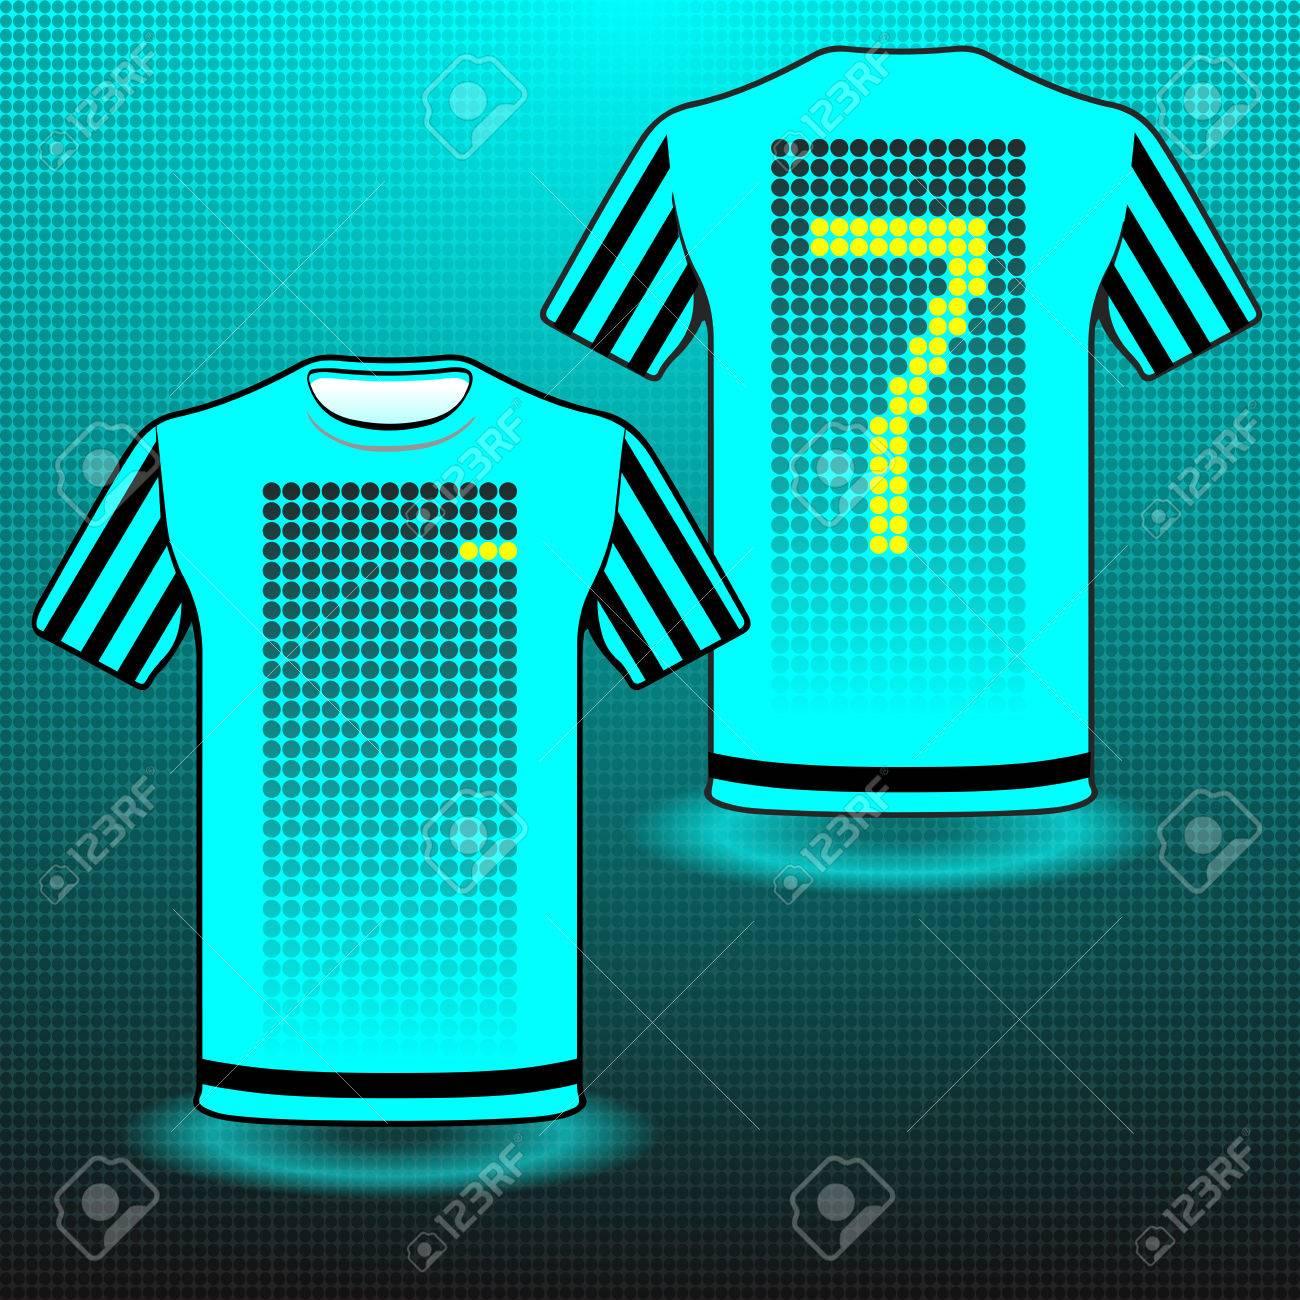 Foto de archivo - Uniforme de Fútbol Fútbol Béisbol Voleibol deporte.  Diseño elegante para los jugadores camisetas. Número de camiseta turquesa  siete ebfe422d7534c